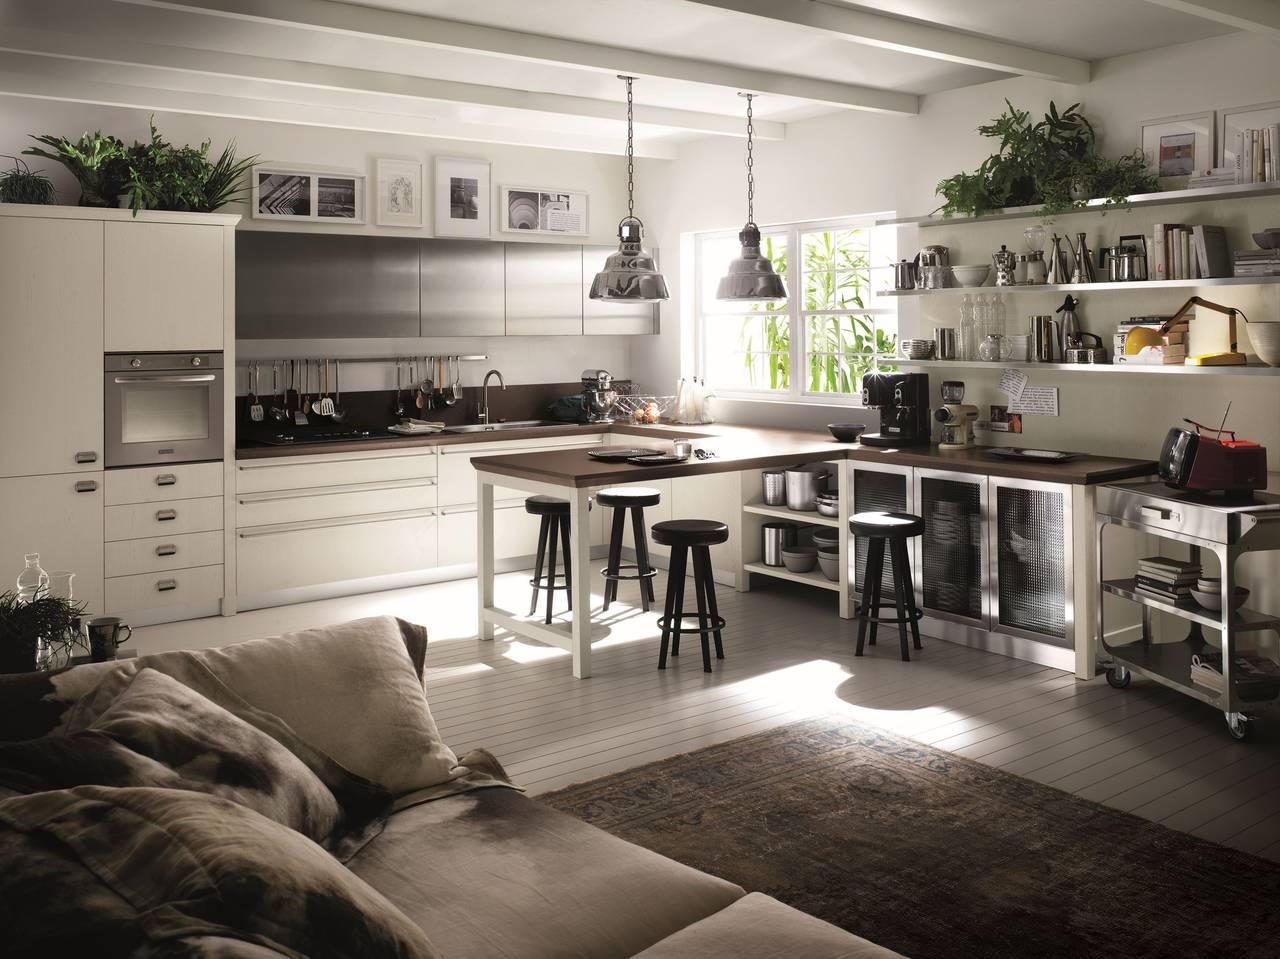 Atmosfere industriali per la cucina urbana ambiente cucina - Cucine stile industriale vintage ...